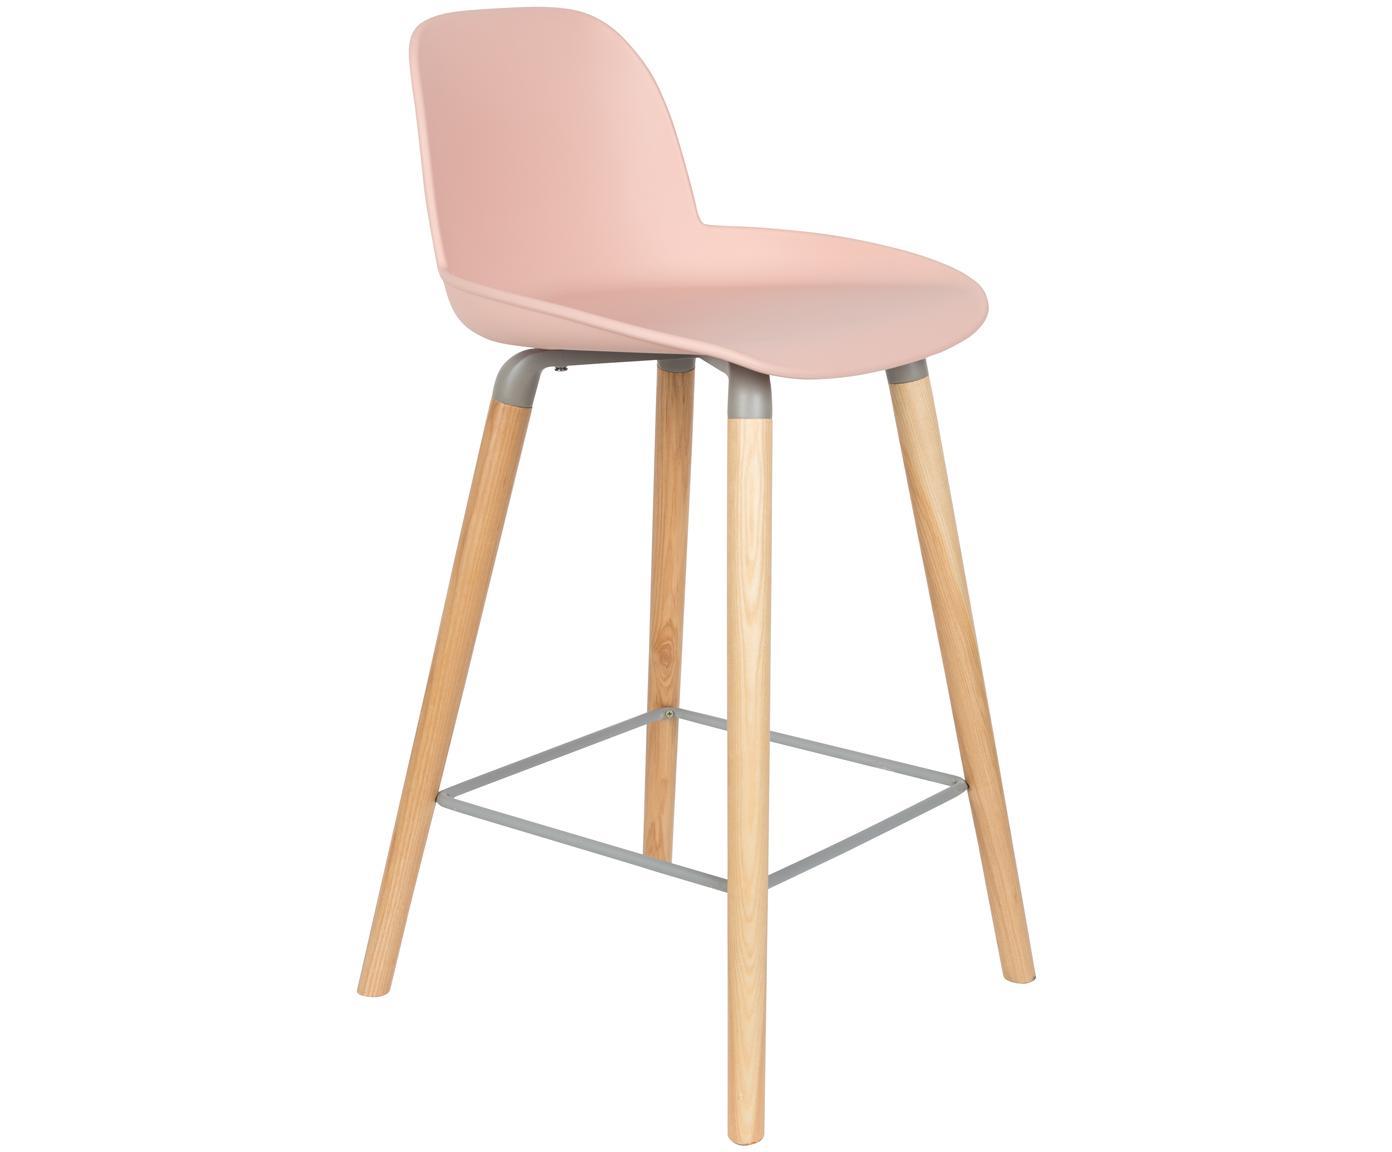 Design Barstuhl Albert Kuip, Beine: Eschenholz, Rahmen: Aluminium, Sitz: Rosa Beine: Esche Rahmen und Fussstütze: Grau, 45 x 89 cm